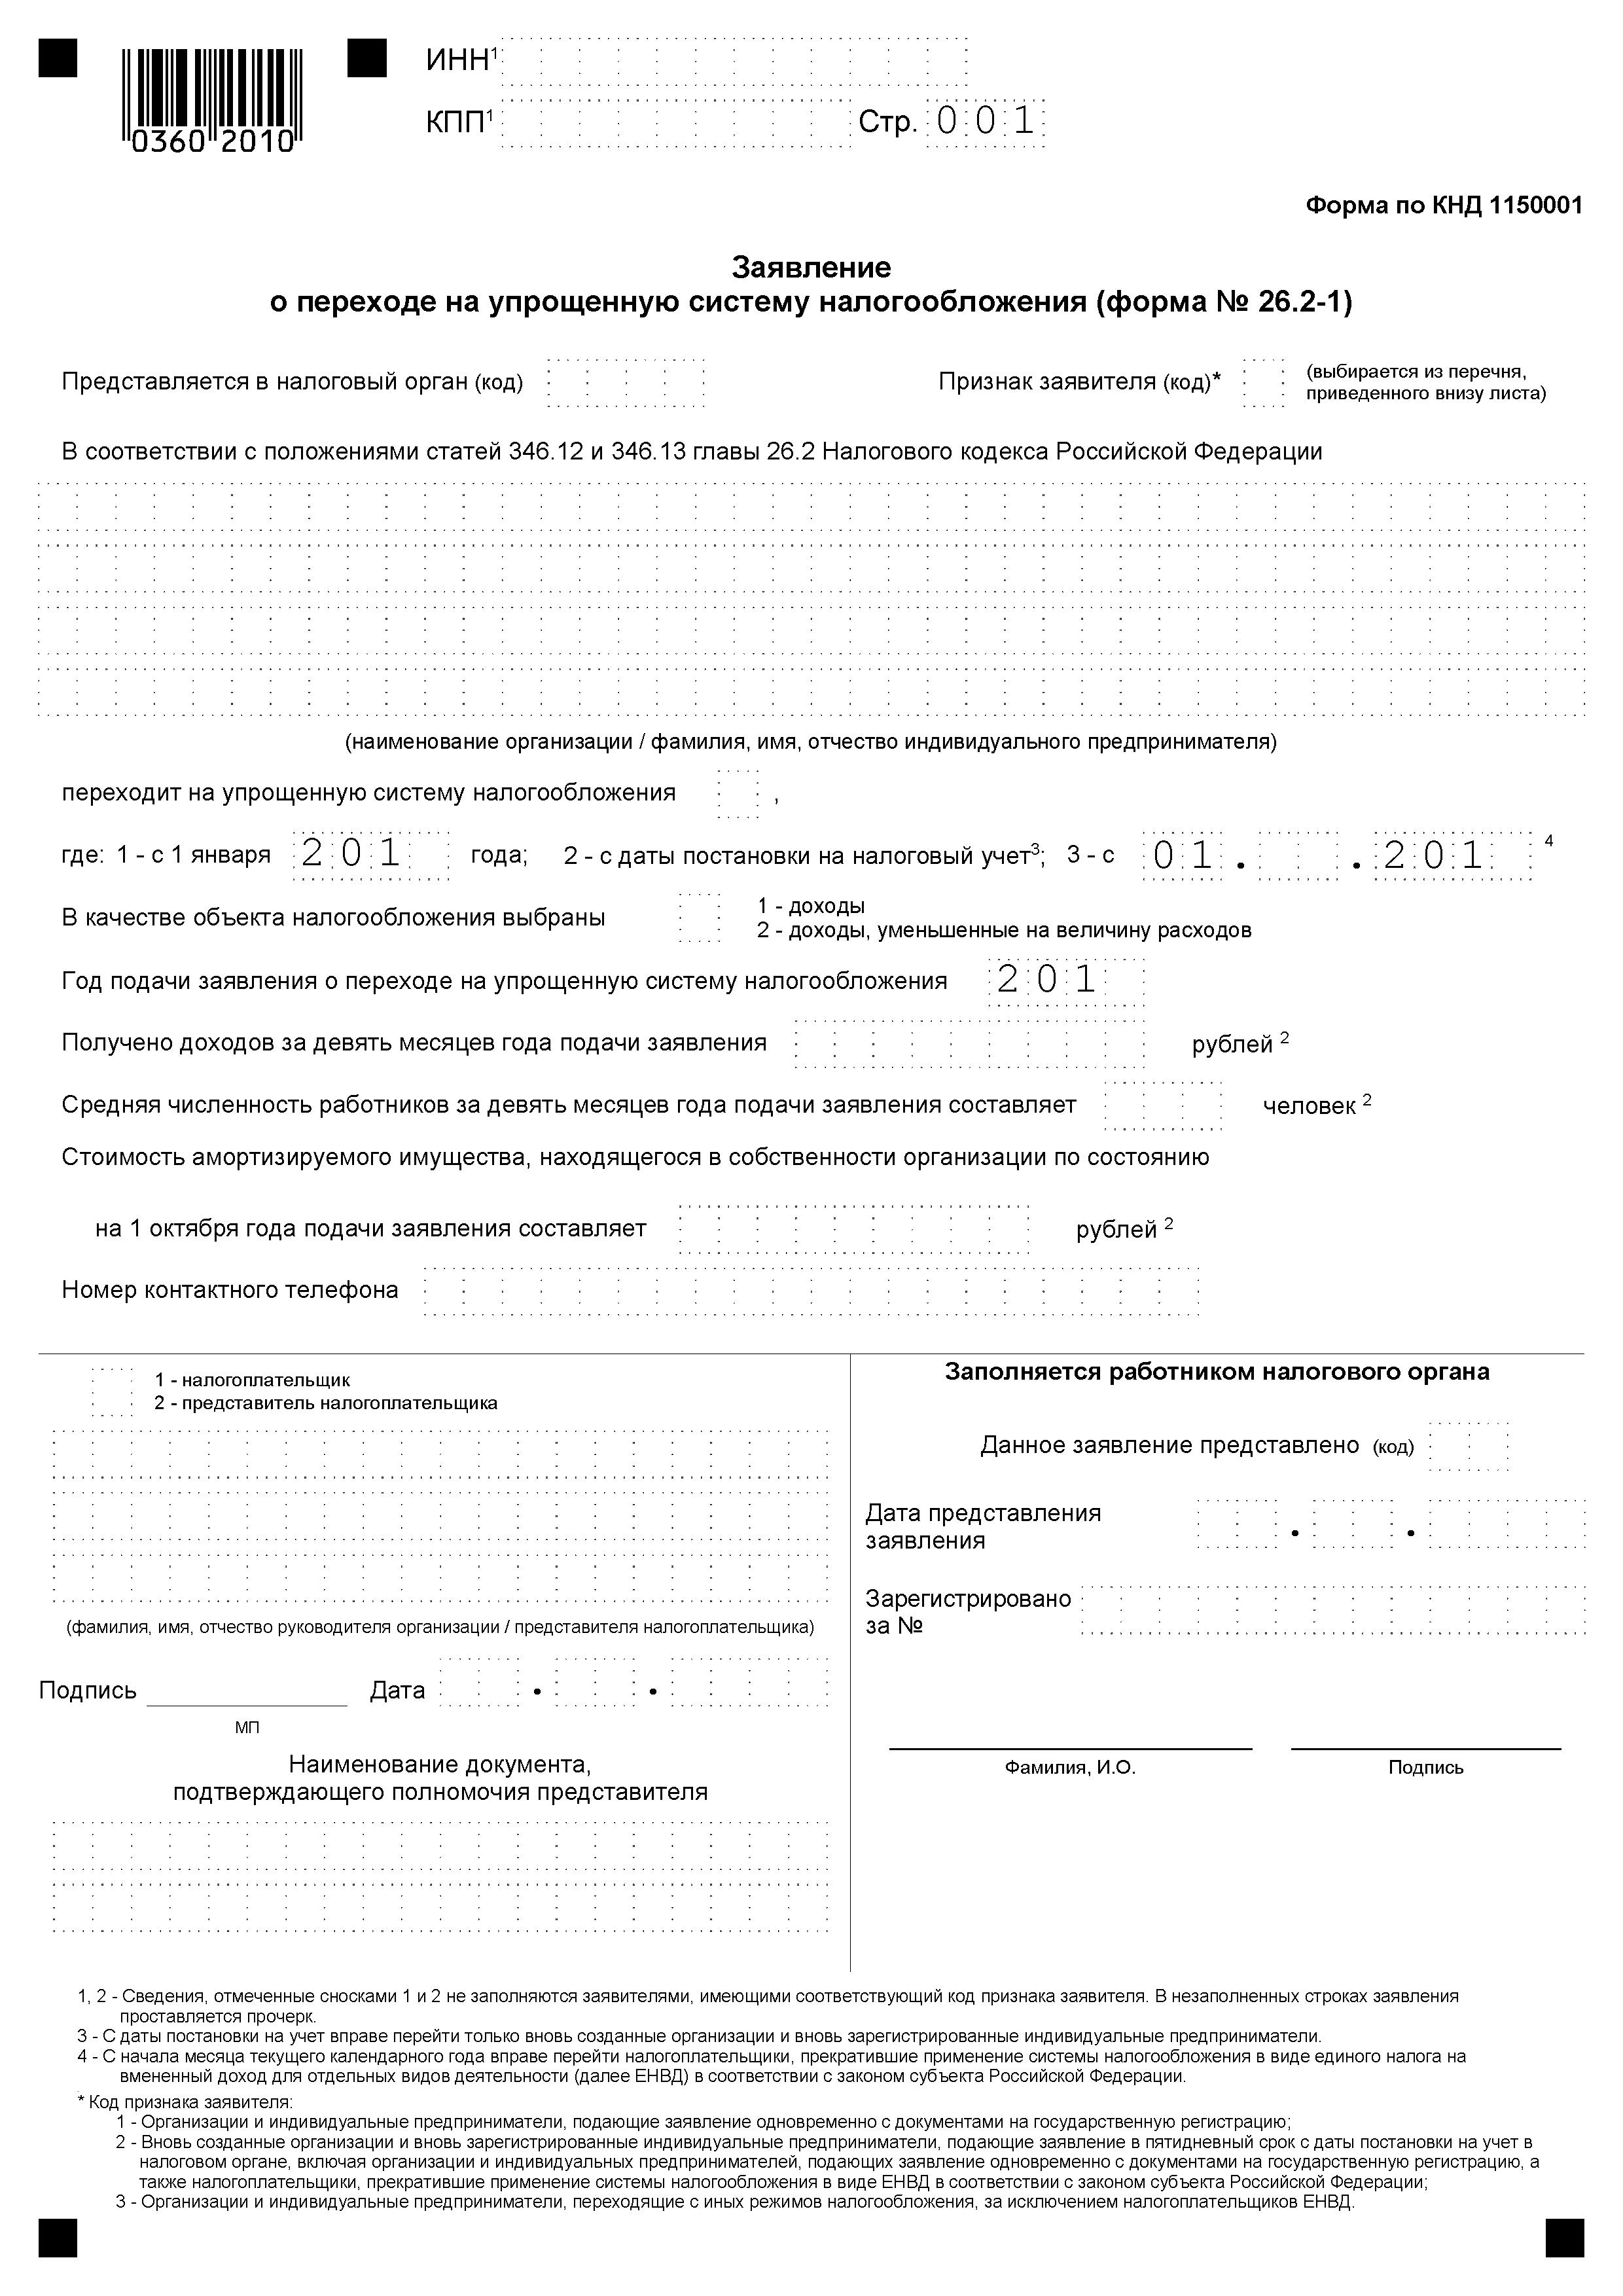 Заявление о переходе на упрощенную систему налогообложения — УСН